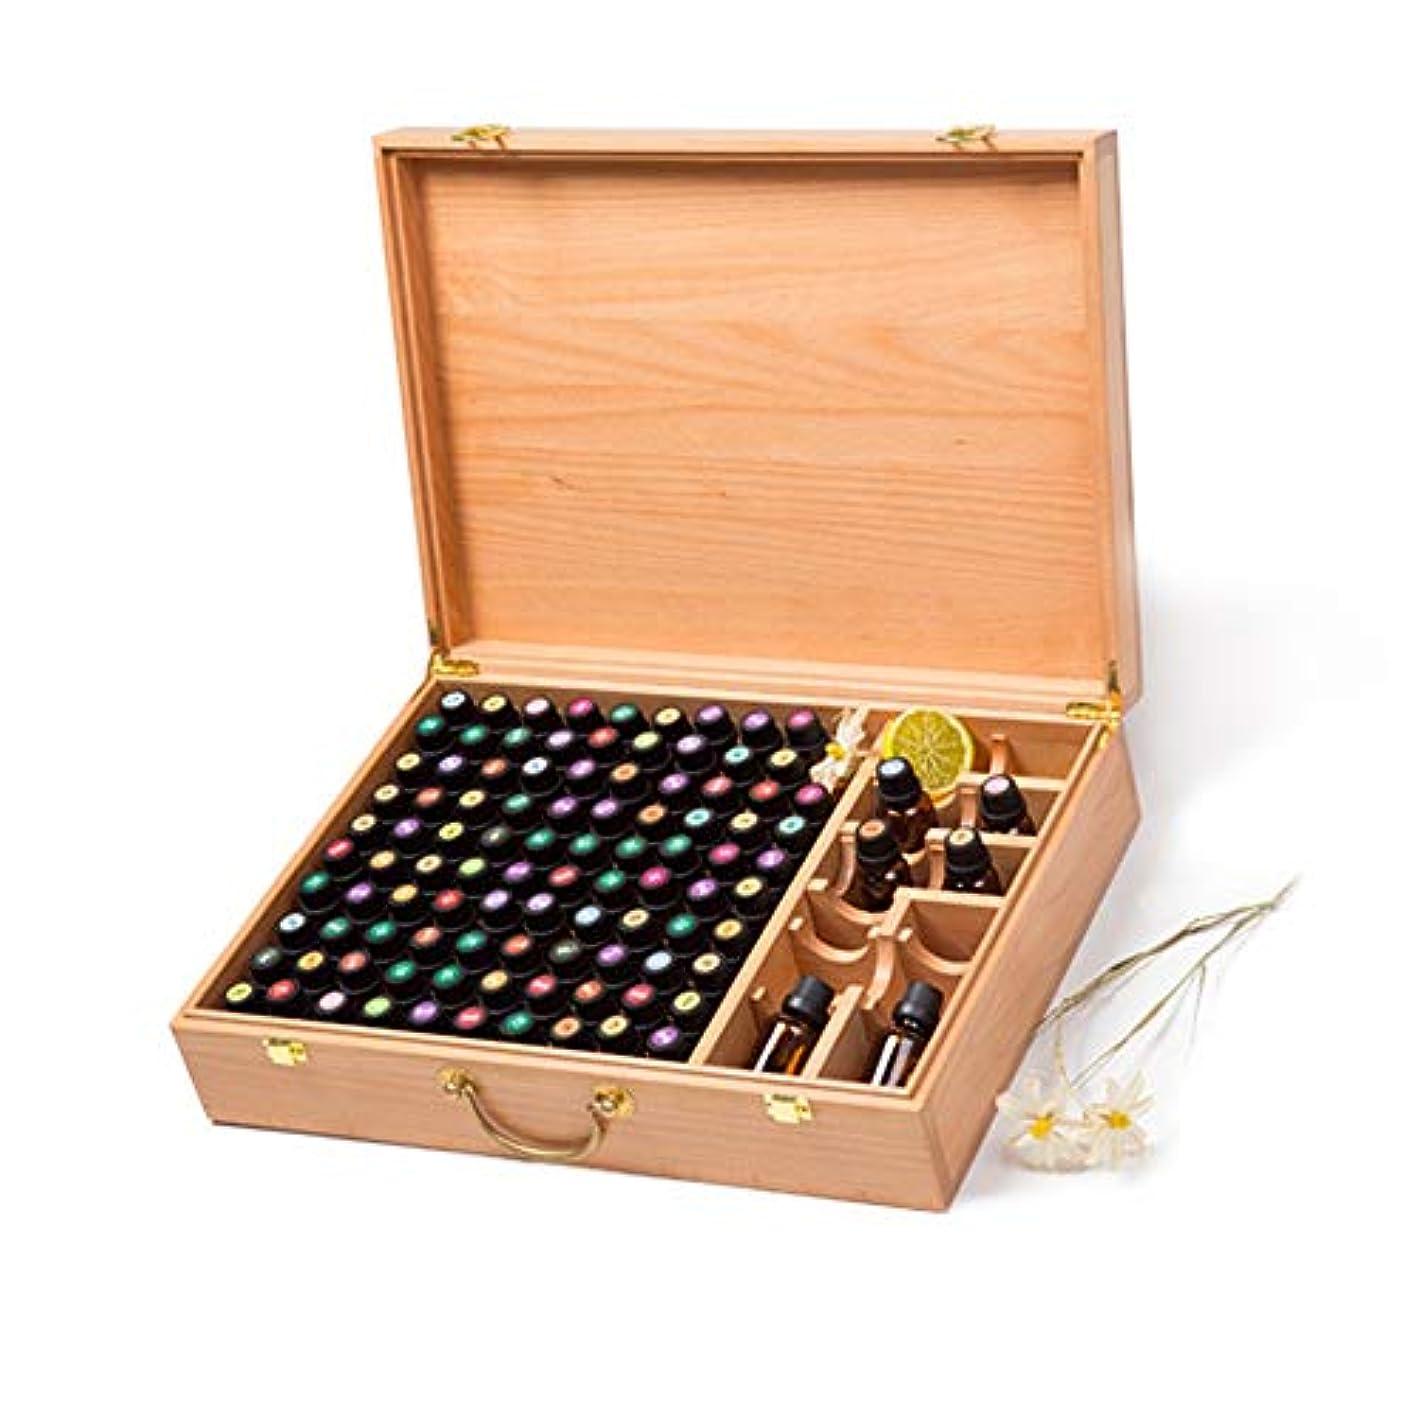 ボイラー緊張するフラッシュのように素早くハンドルパーフェクトエッセンシャルオイルのケースでは手作りの木製エッセンシャルオイルストレージボックスは100の油のボトルを保持します アロマセラピー製品 (色 : Natural, サイズ : 44X31.5X10.5CM)